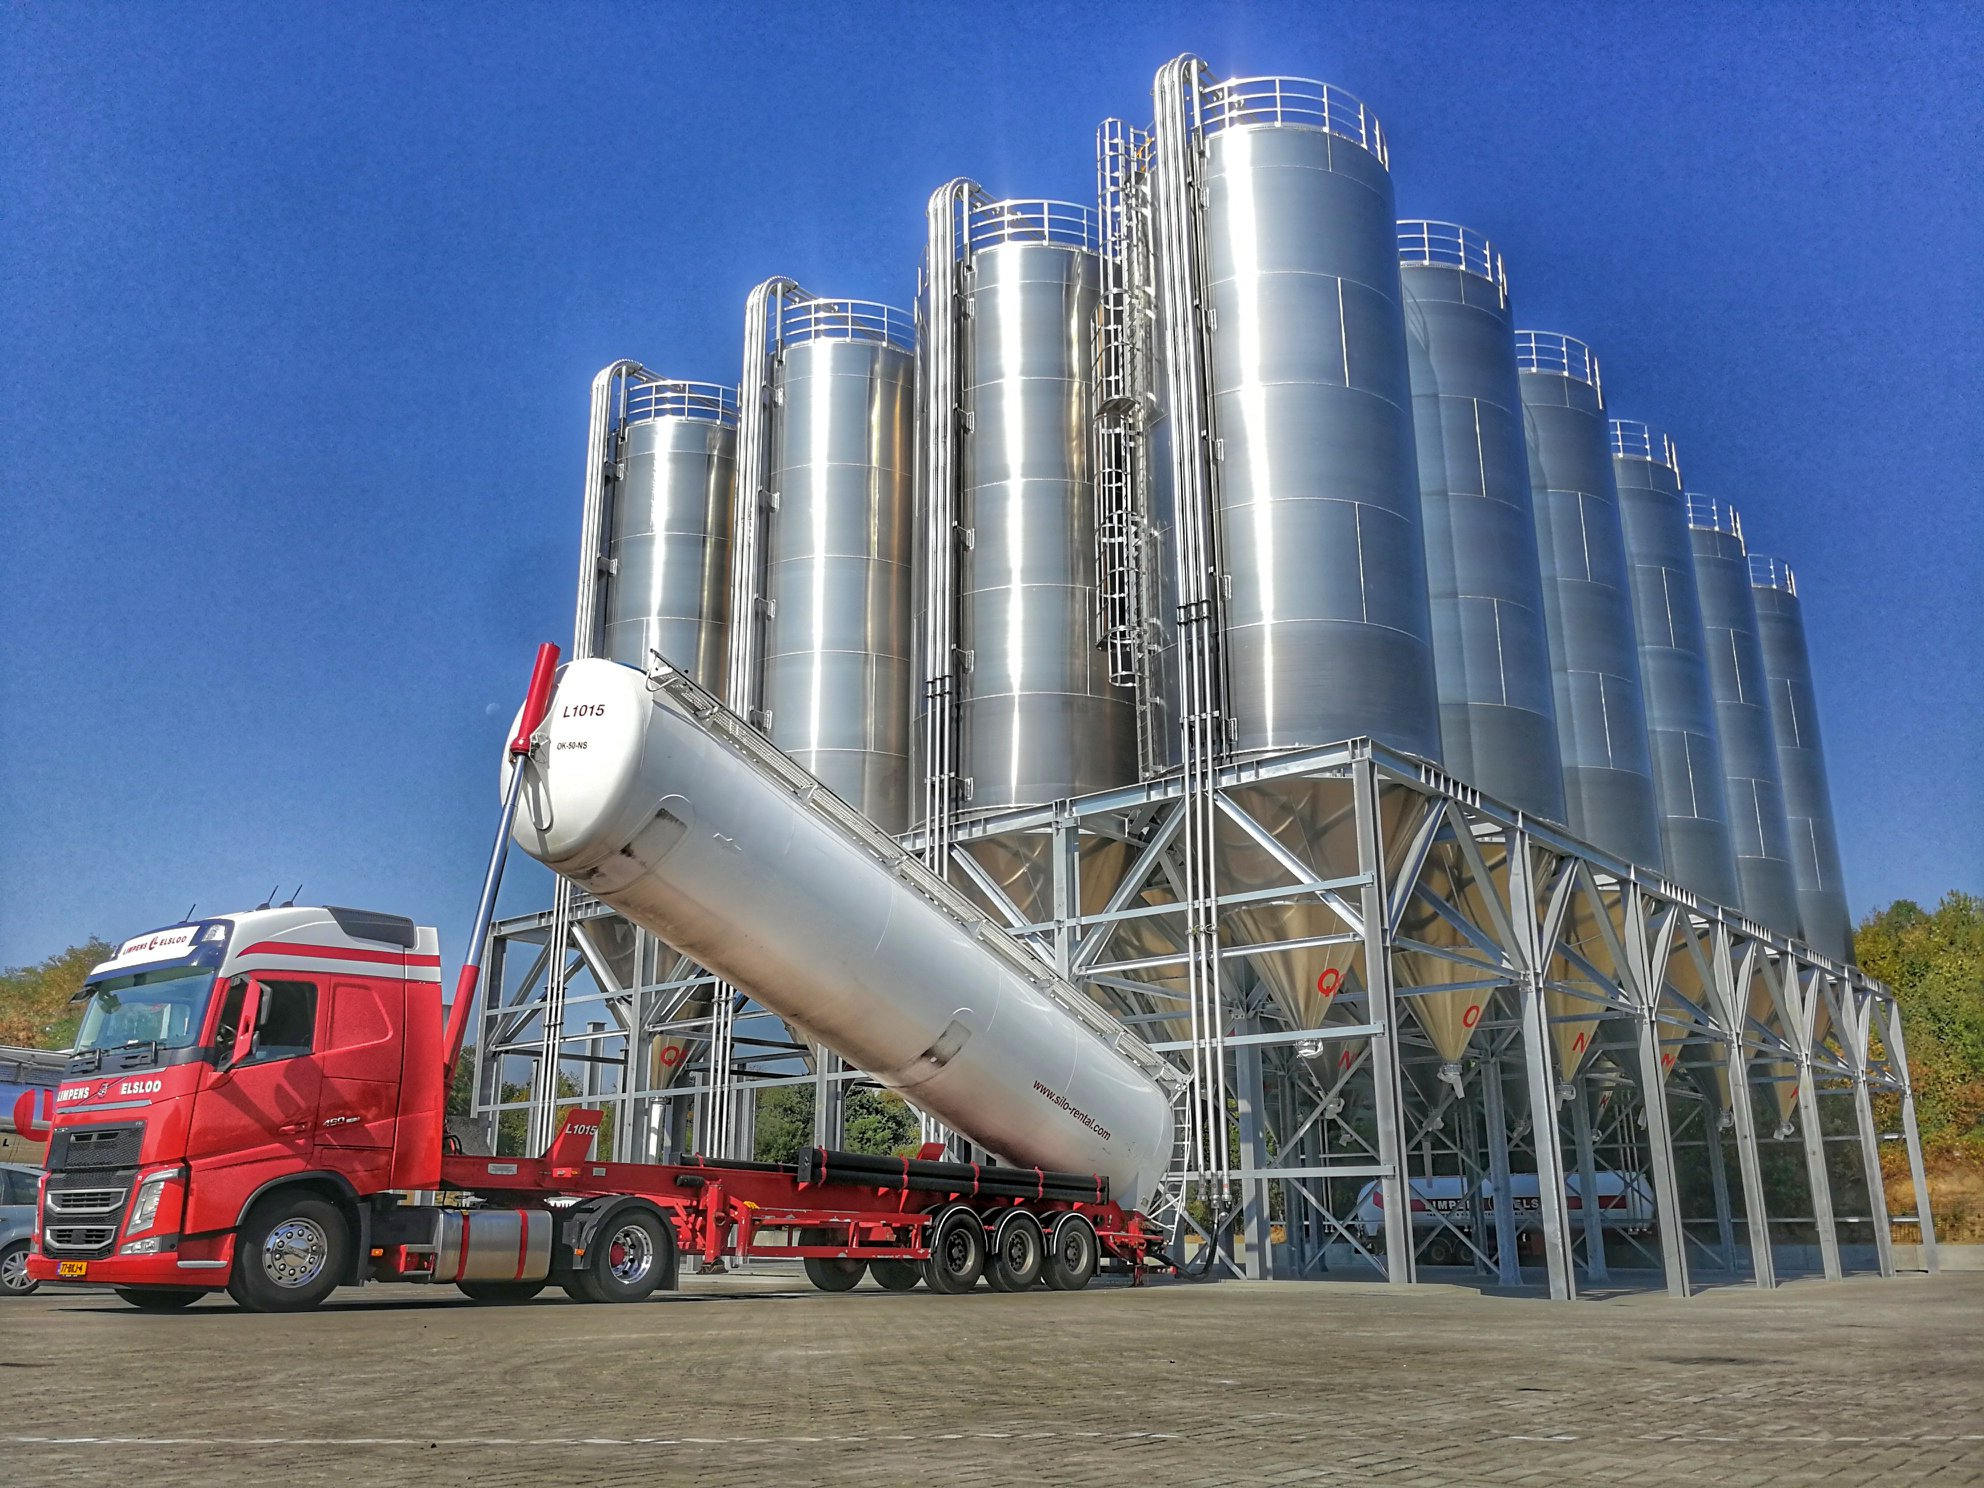 3-8-2918-De-eerste-vrachten-zijn-al-in-onze-nieuwe-silo-s-gelost